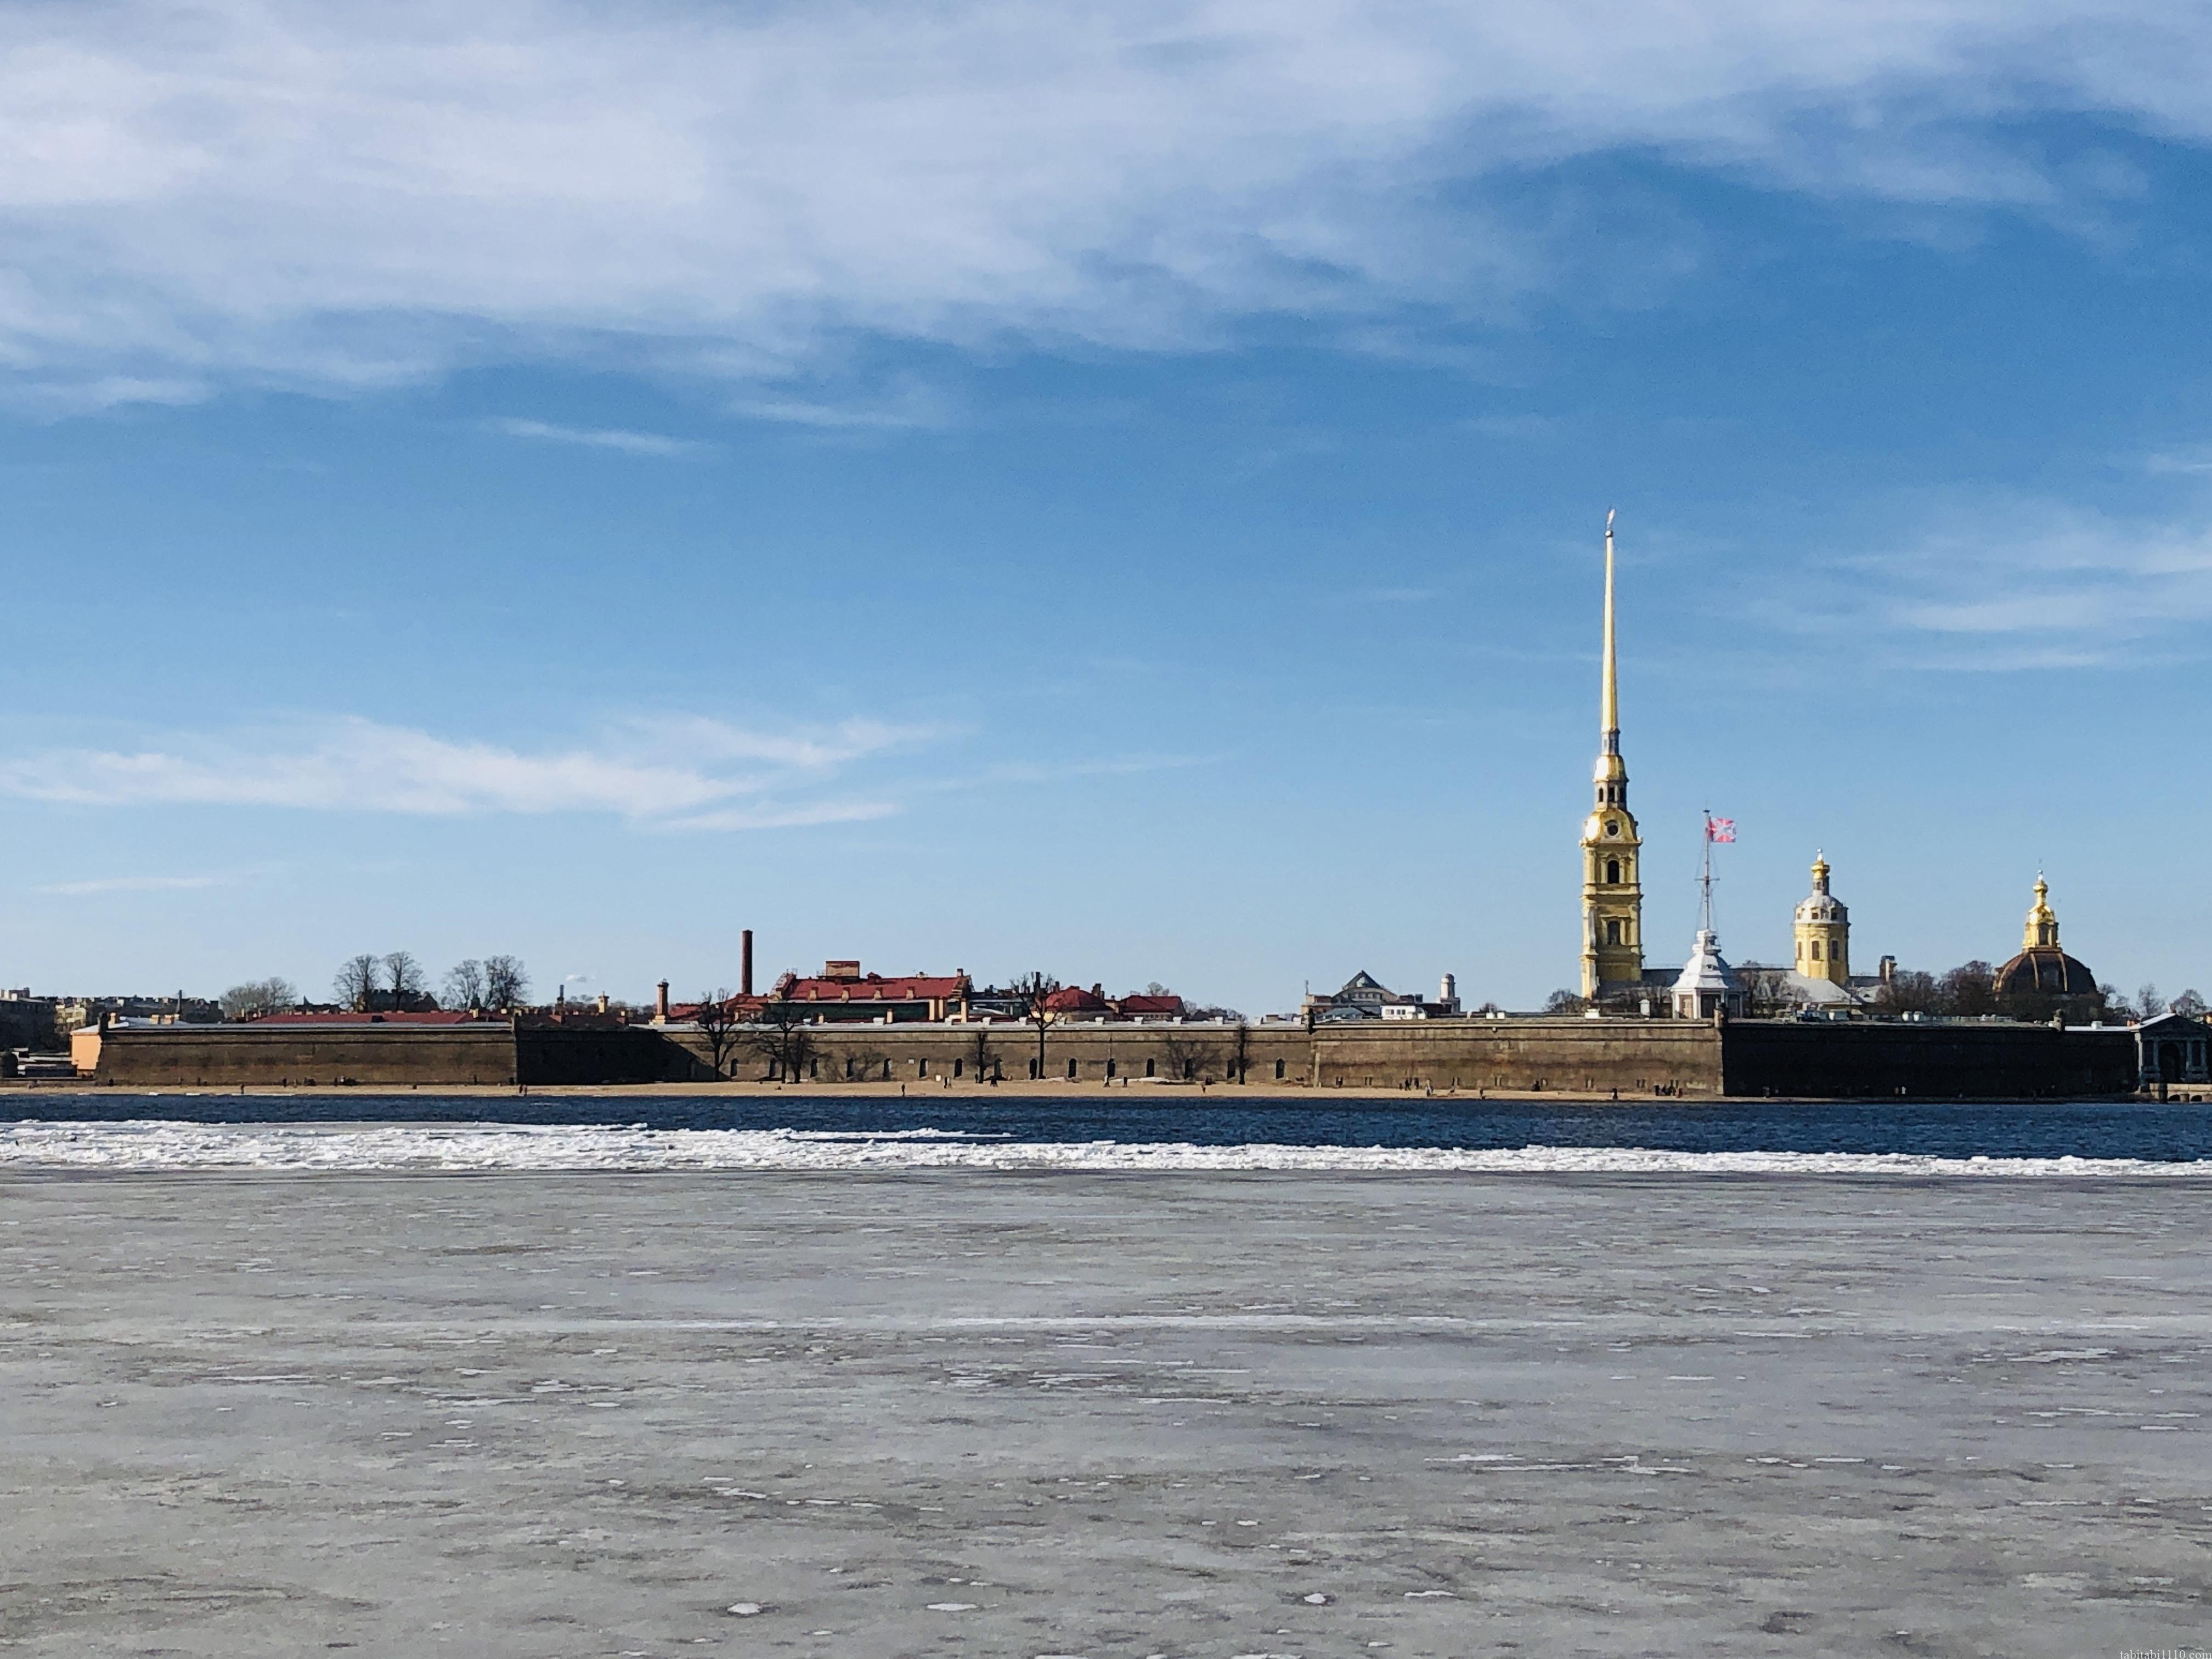 ペトロパブロフスク要塞